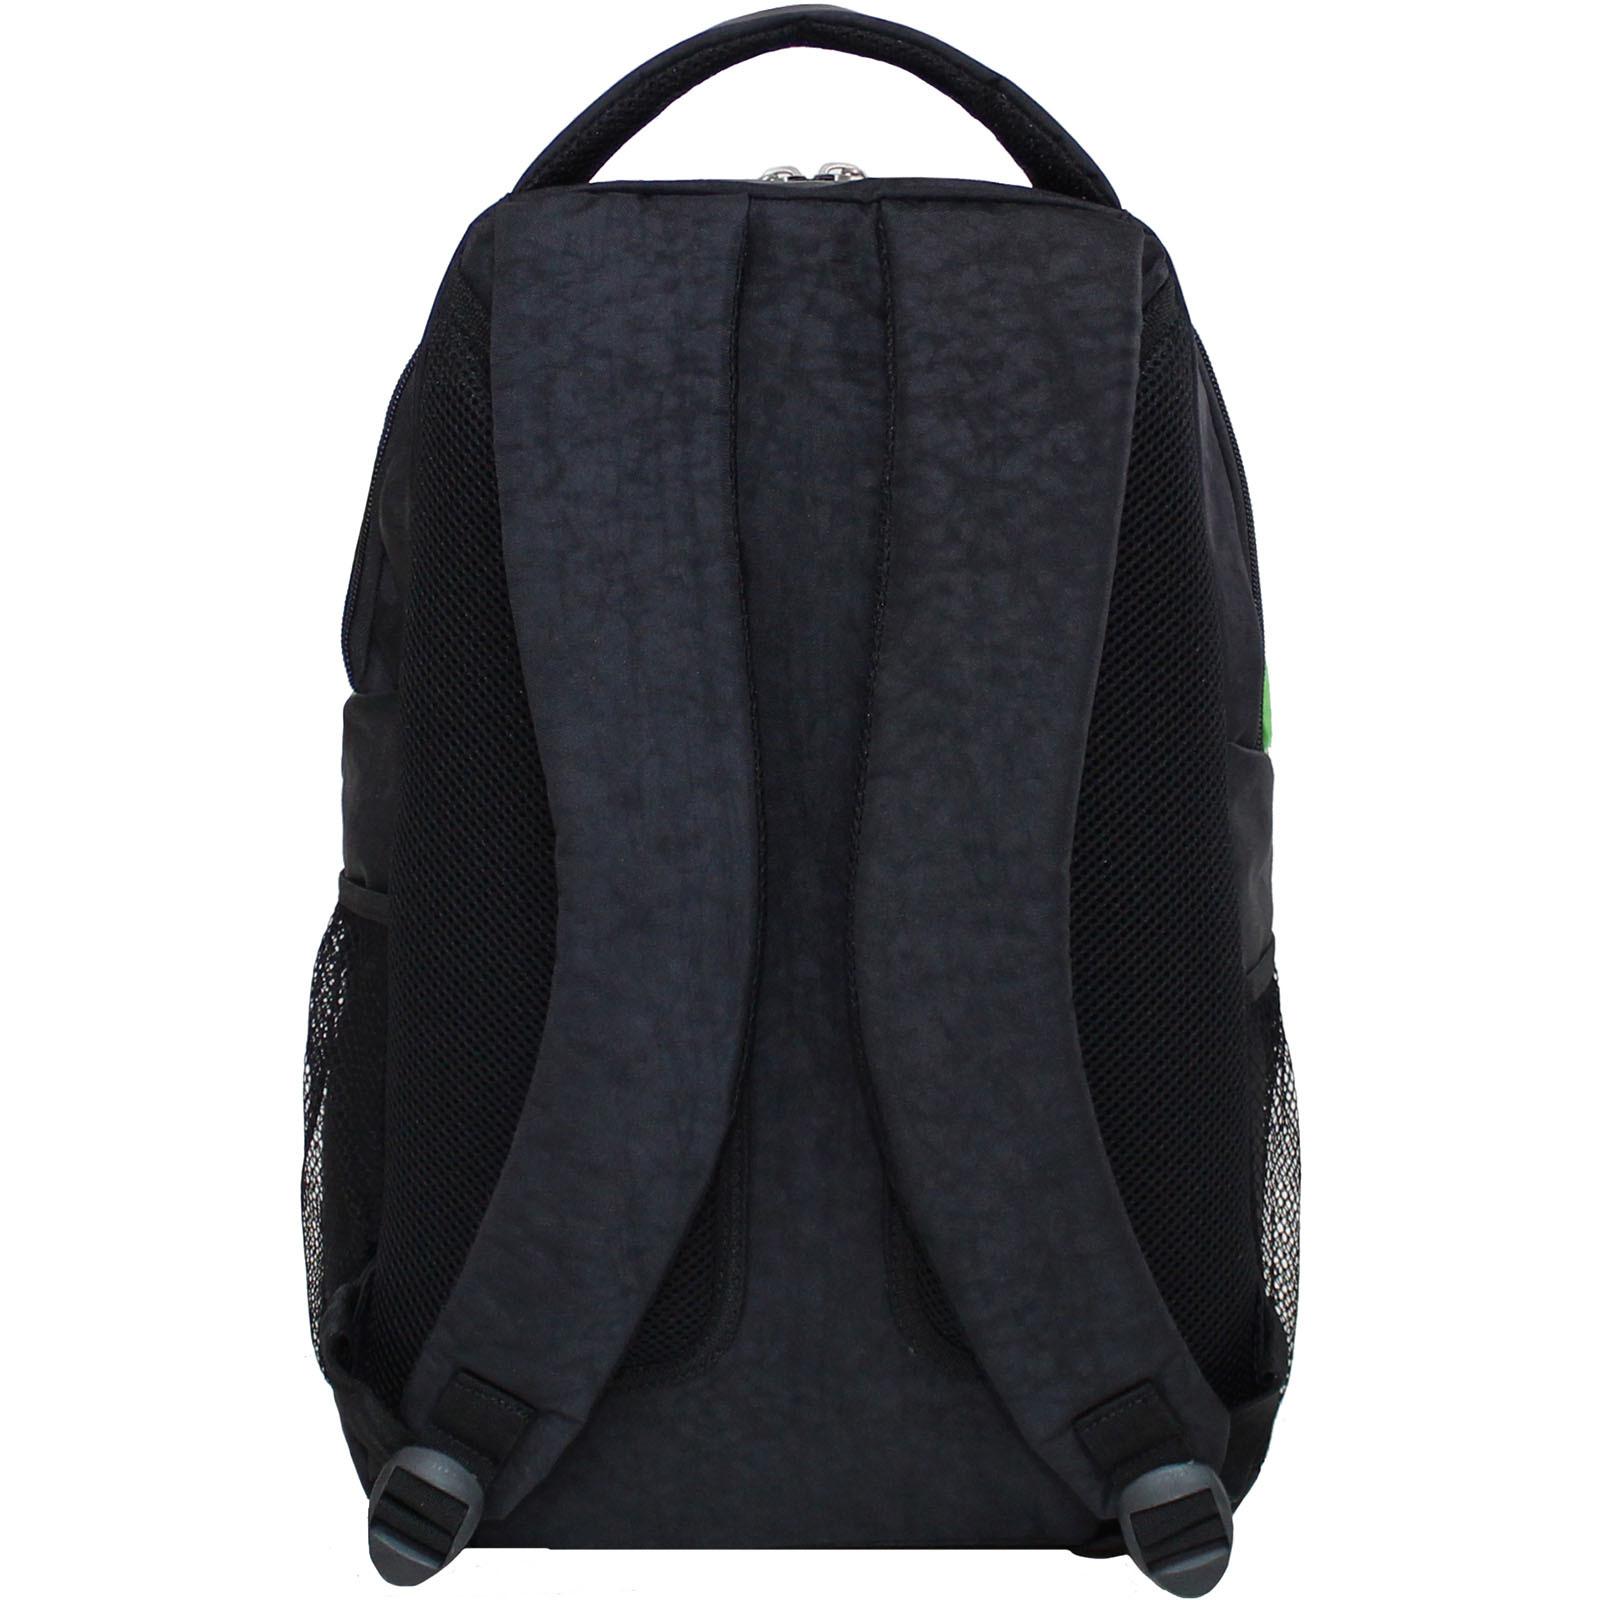 Рюкзак Bagland Бис 21 л. Чёрный / салатовый (0055670)